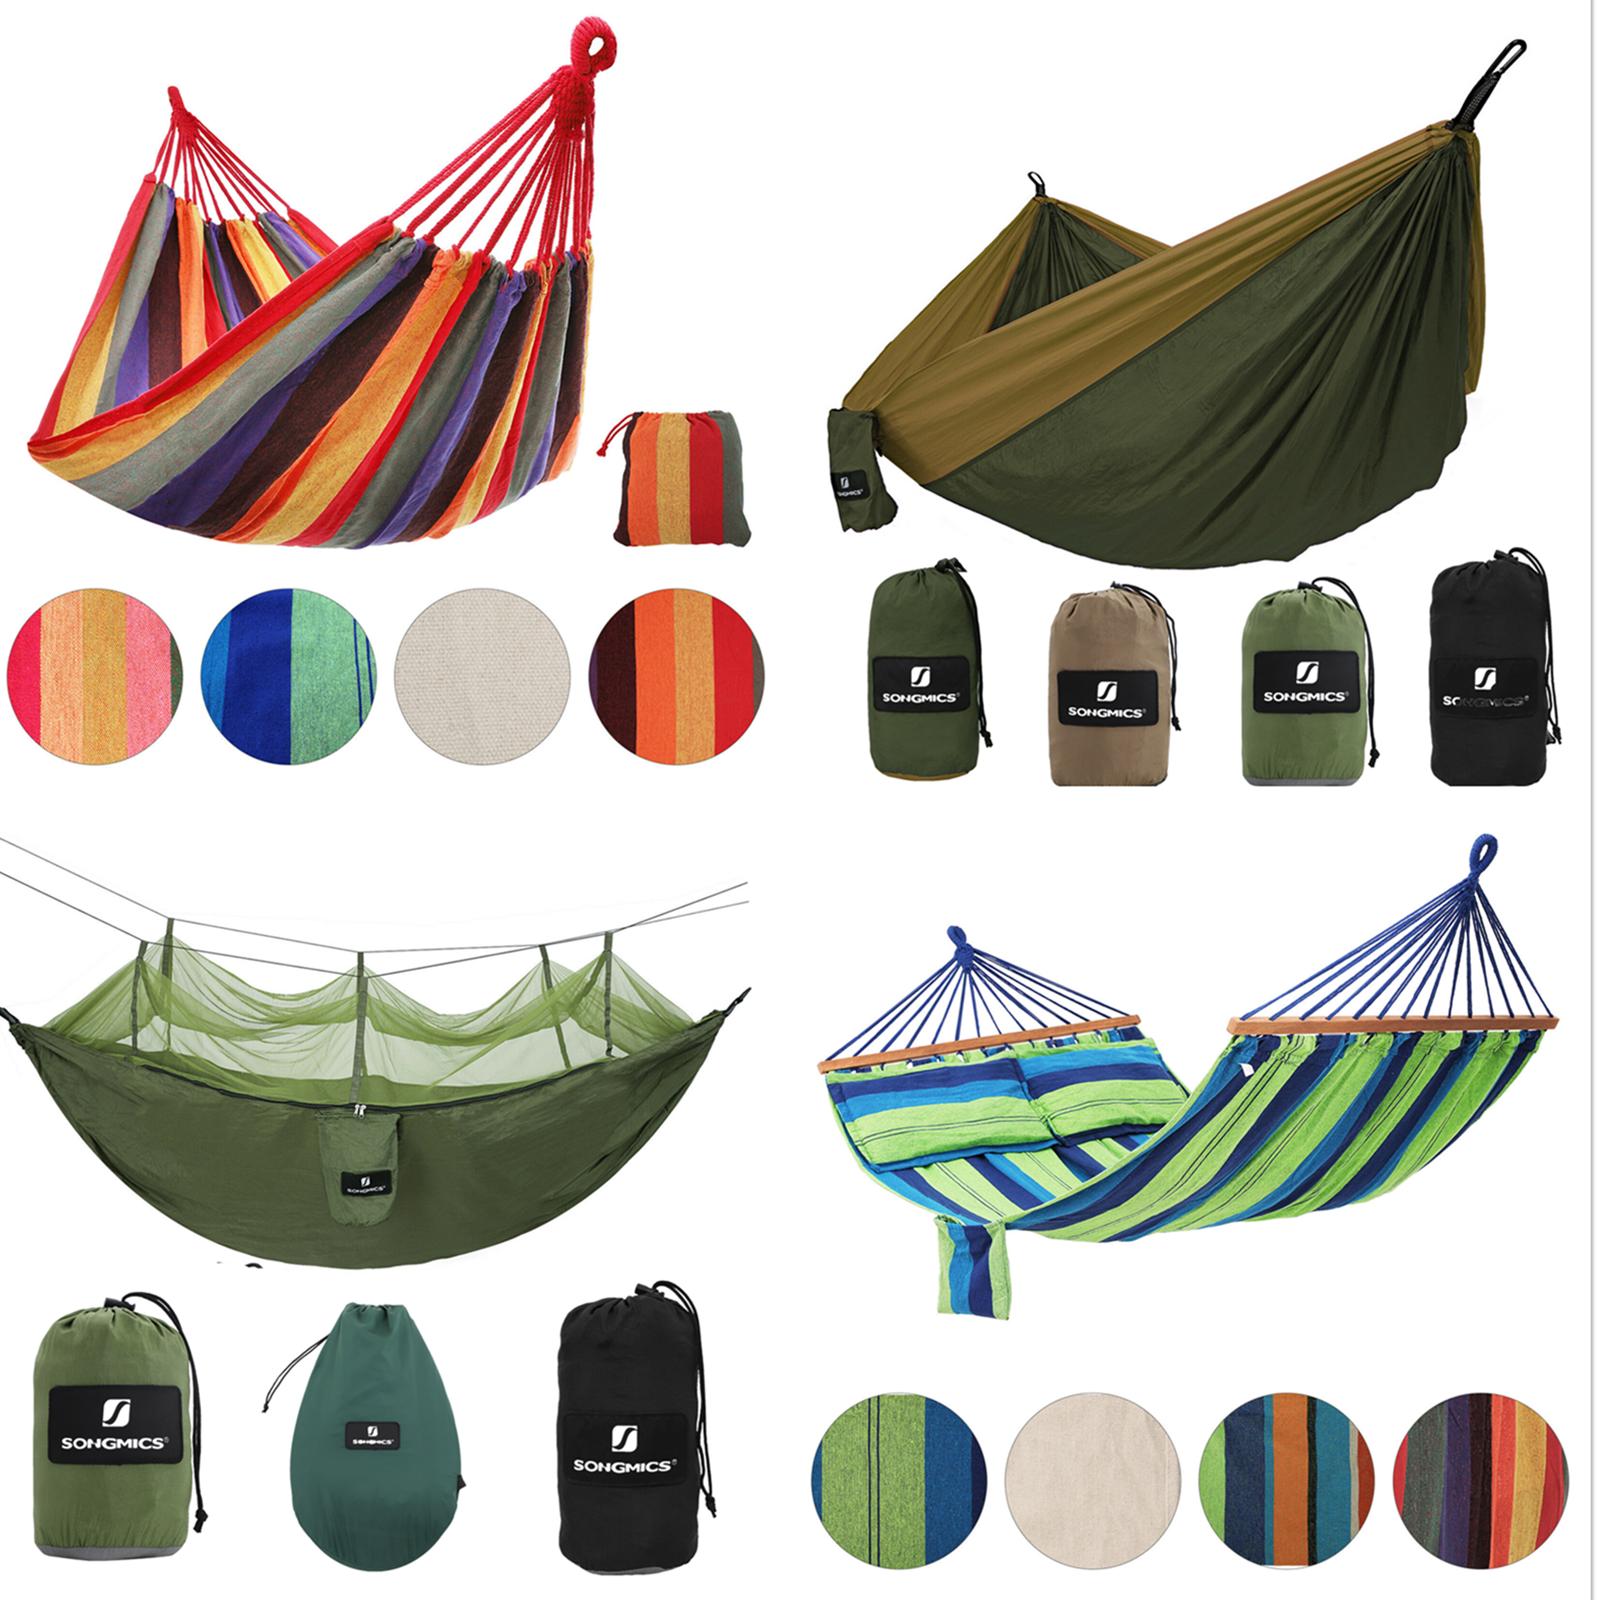 XXL Hängematte Mehrpersonen Hängematten bis 300kg Hängestuhl Camping Outdoor